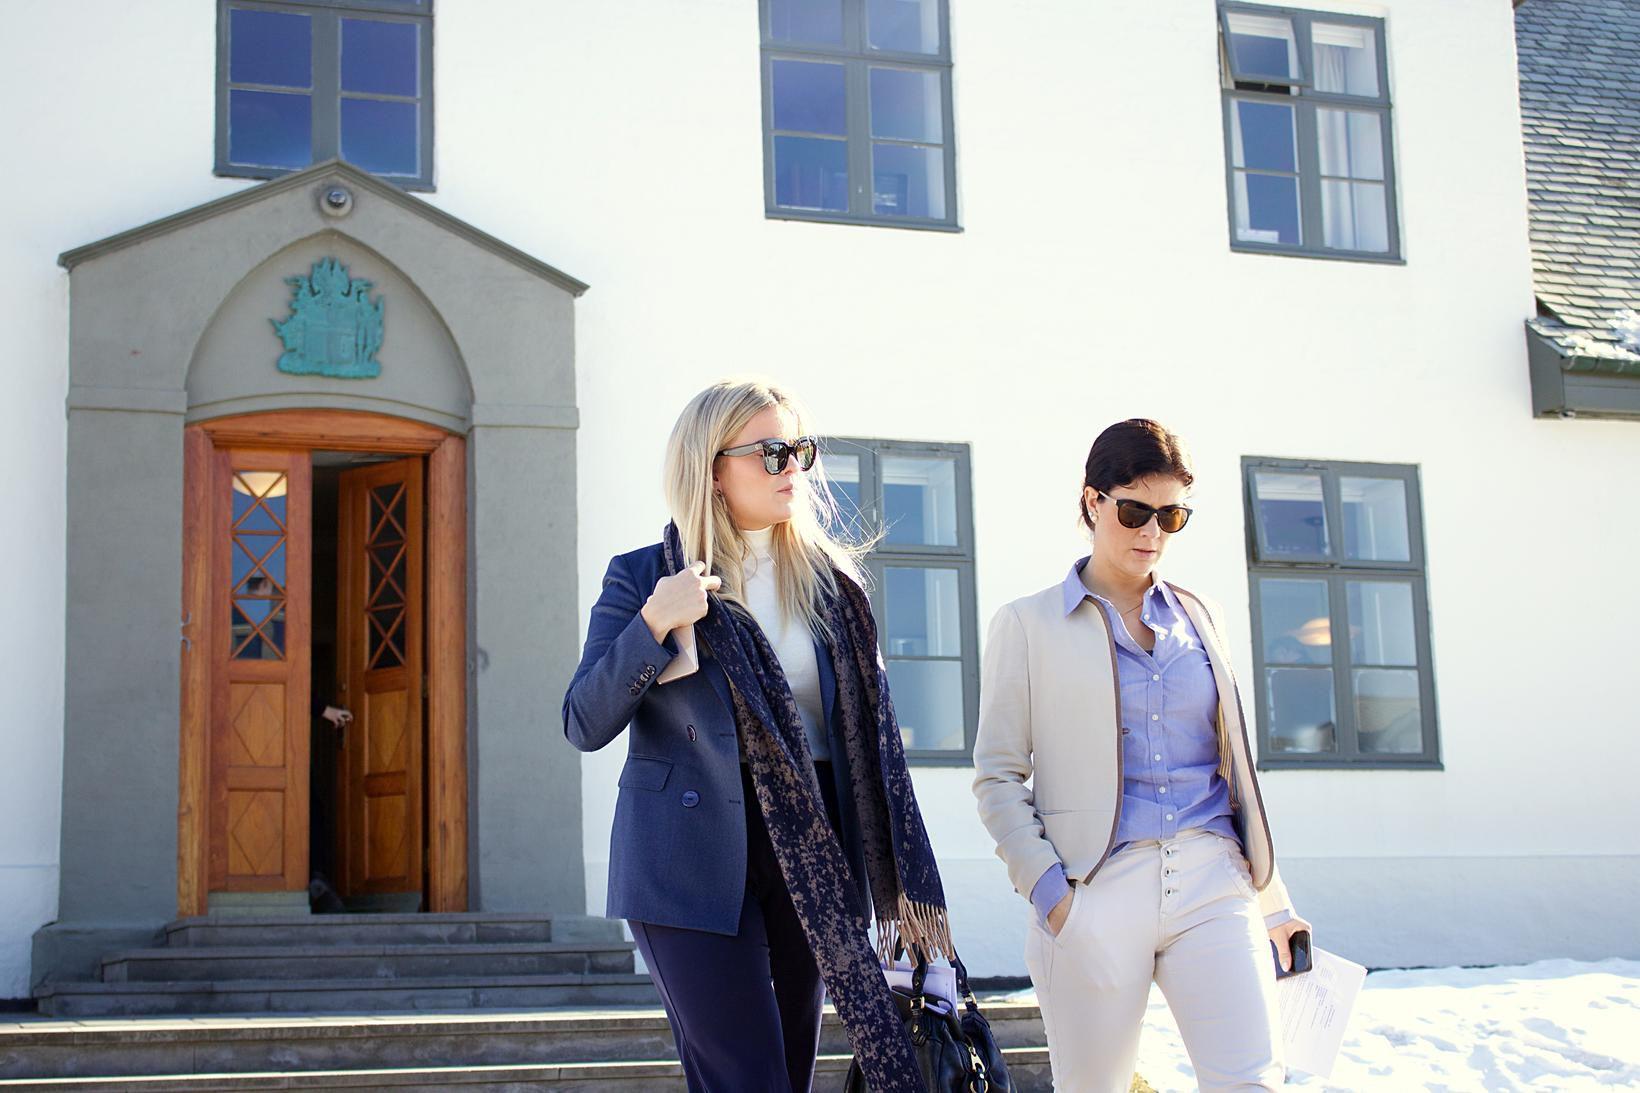 Áslaug Arna Sigurbjörnsdóttir dómsmálaráðherra og Þórdís Kolbrún Reykfjörð Gylfadóttir ferðamálaráðherra.